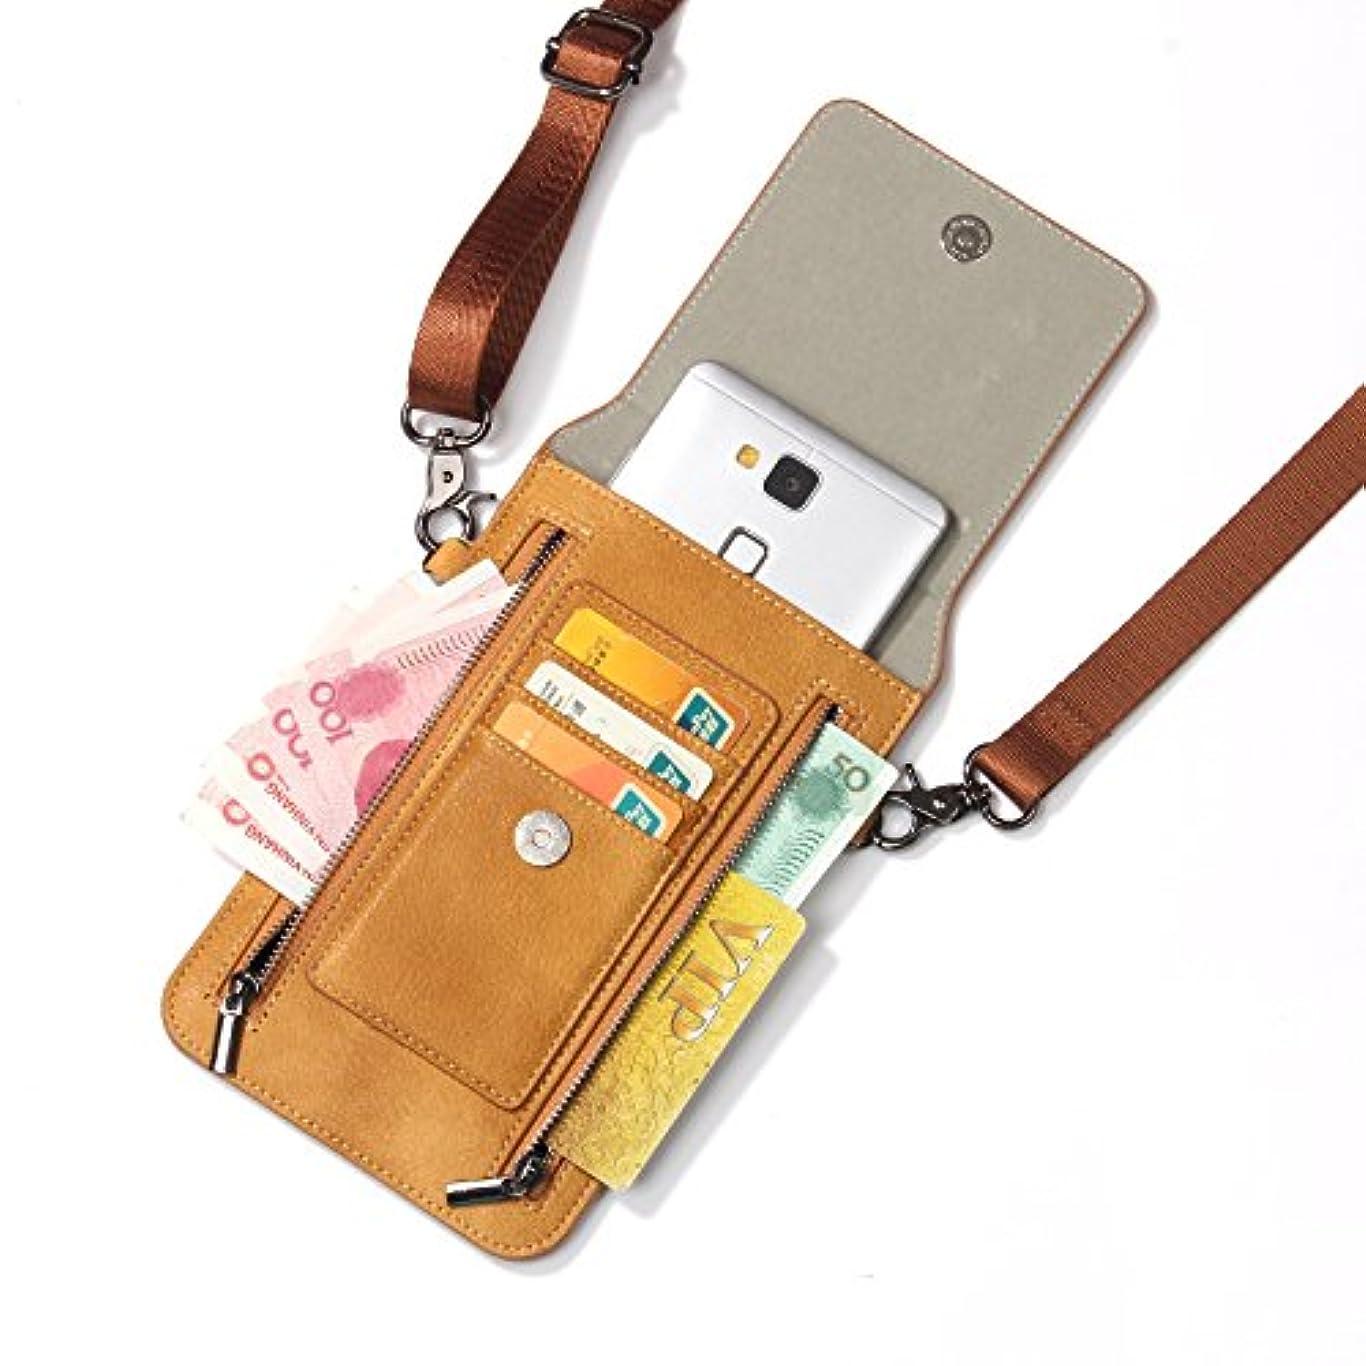 支援判定終了するiPhone XS Max ケース レザー INorton 多機能スマホポーチ 保護カバー 財布型 軽量 カード お金収納 ストラップ付き iPhone X /8/8Plus/7/7Plusなど6.5インチ汎用